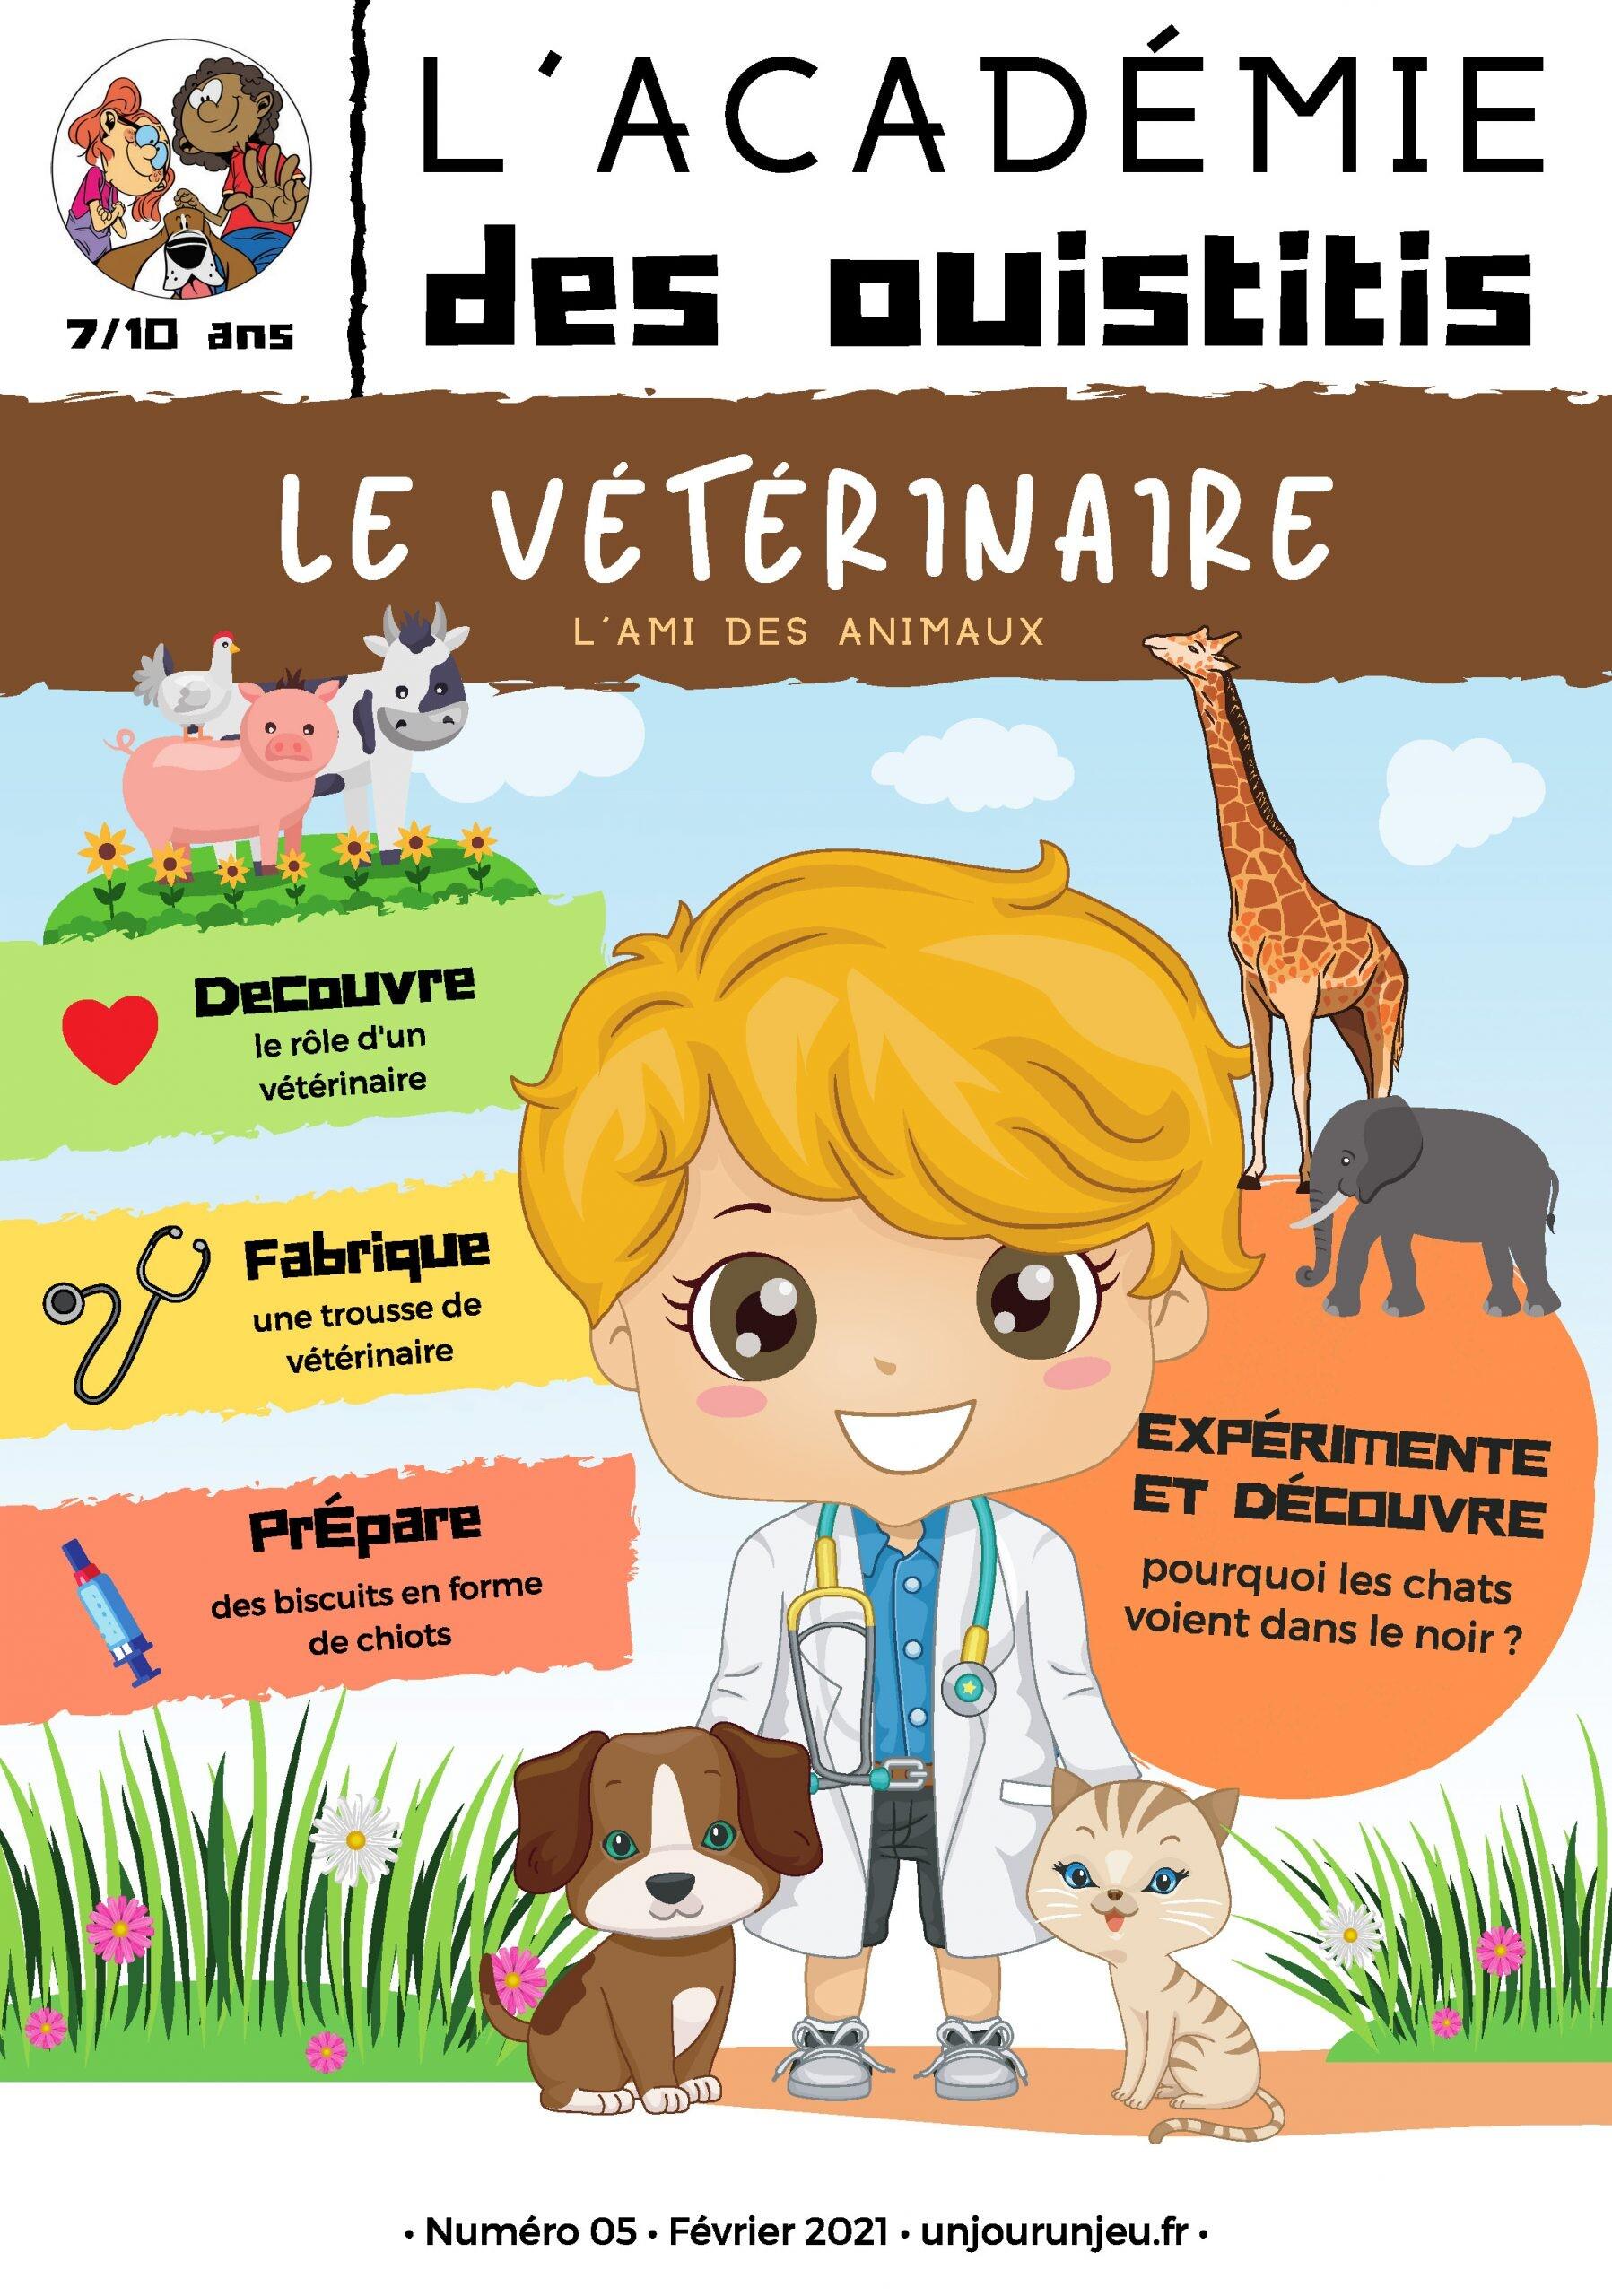 L'Académie chez le vétérinaire